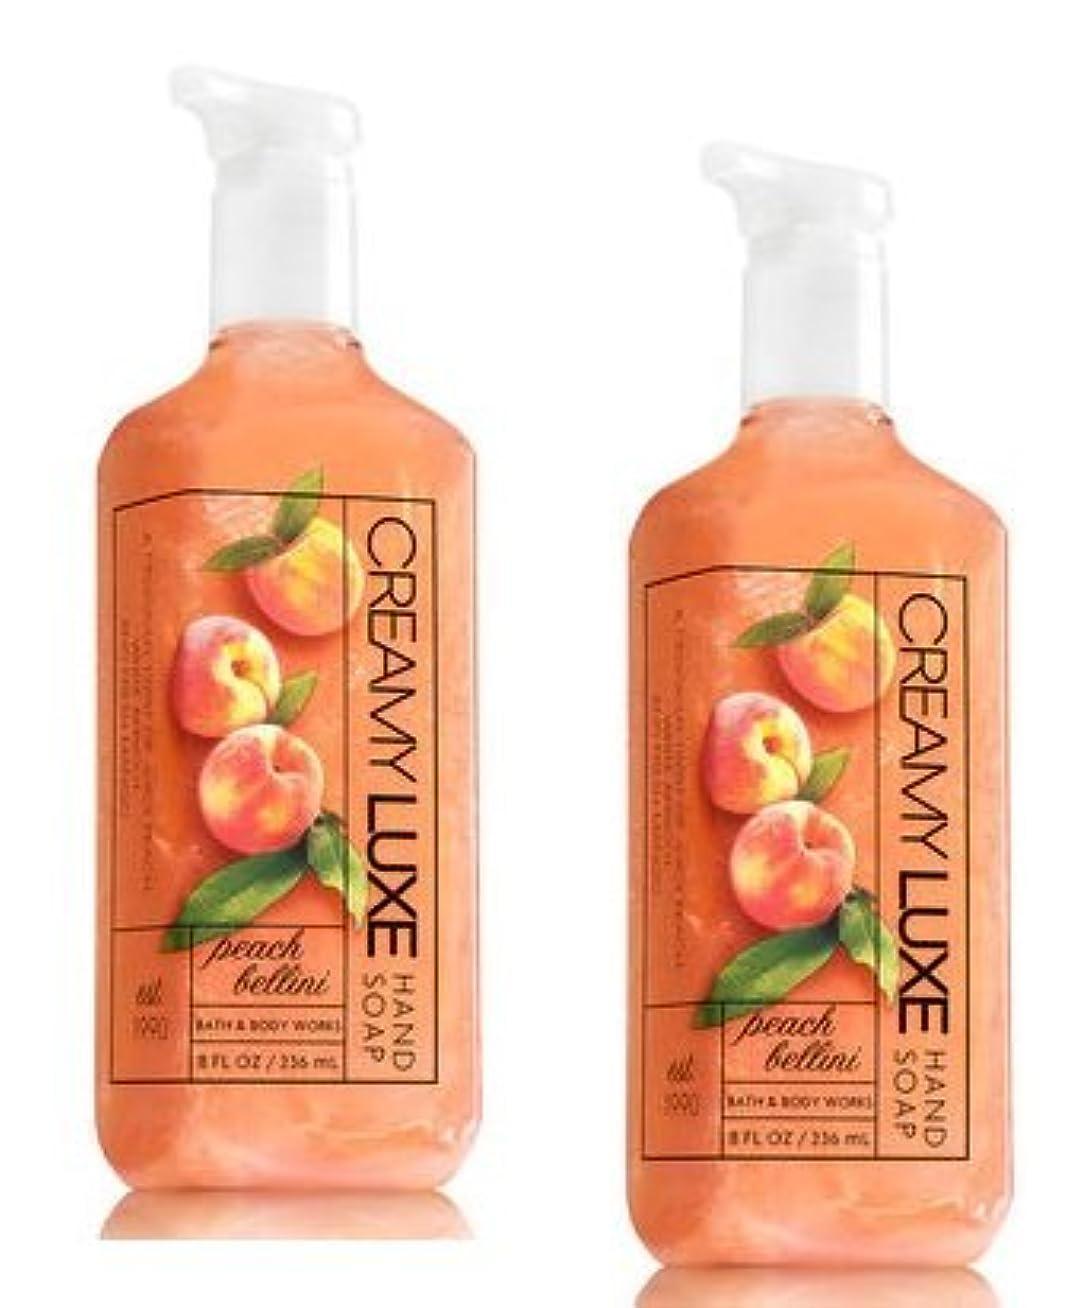 振動するハプニング親愛なBath & Body Works ピーチベリーニ クリーミー リュクス ハンドソープ 2本セット PEACH BELLINI Creamy Luxe Hand Soap. 8 oz 236ml [並行輸入品]